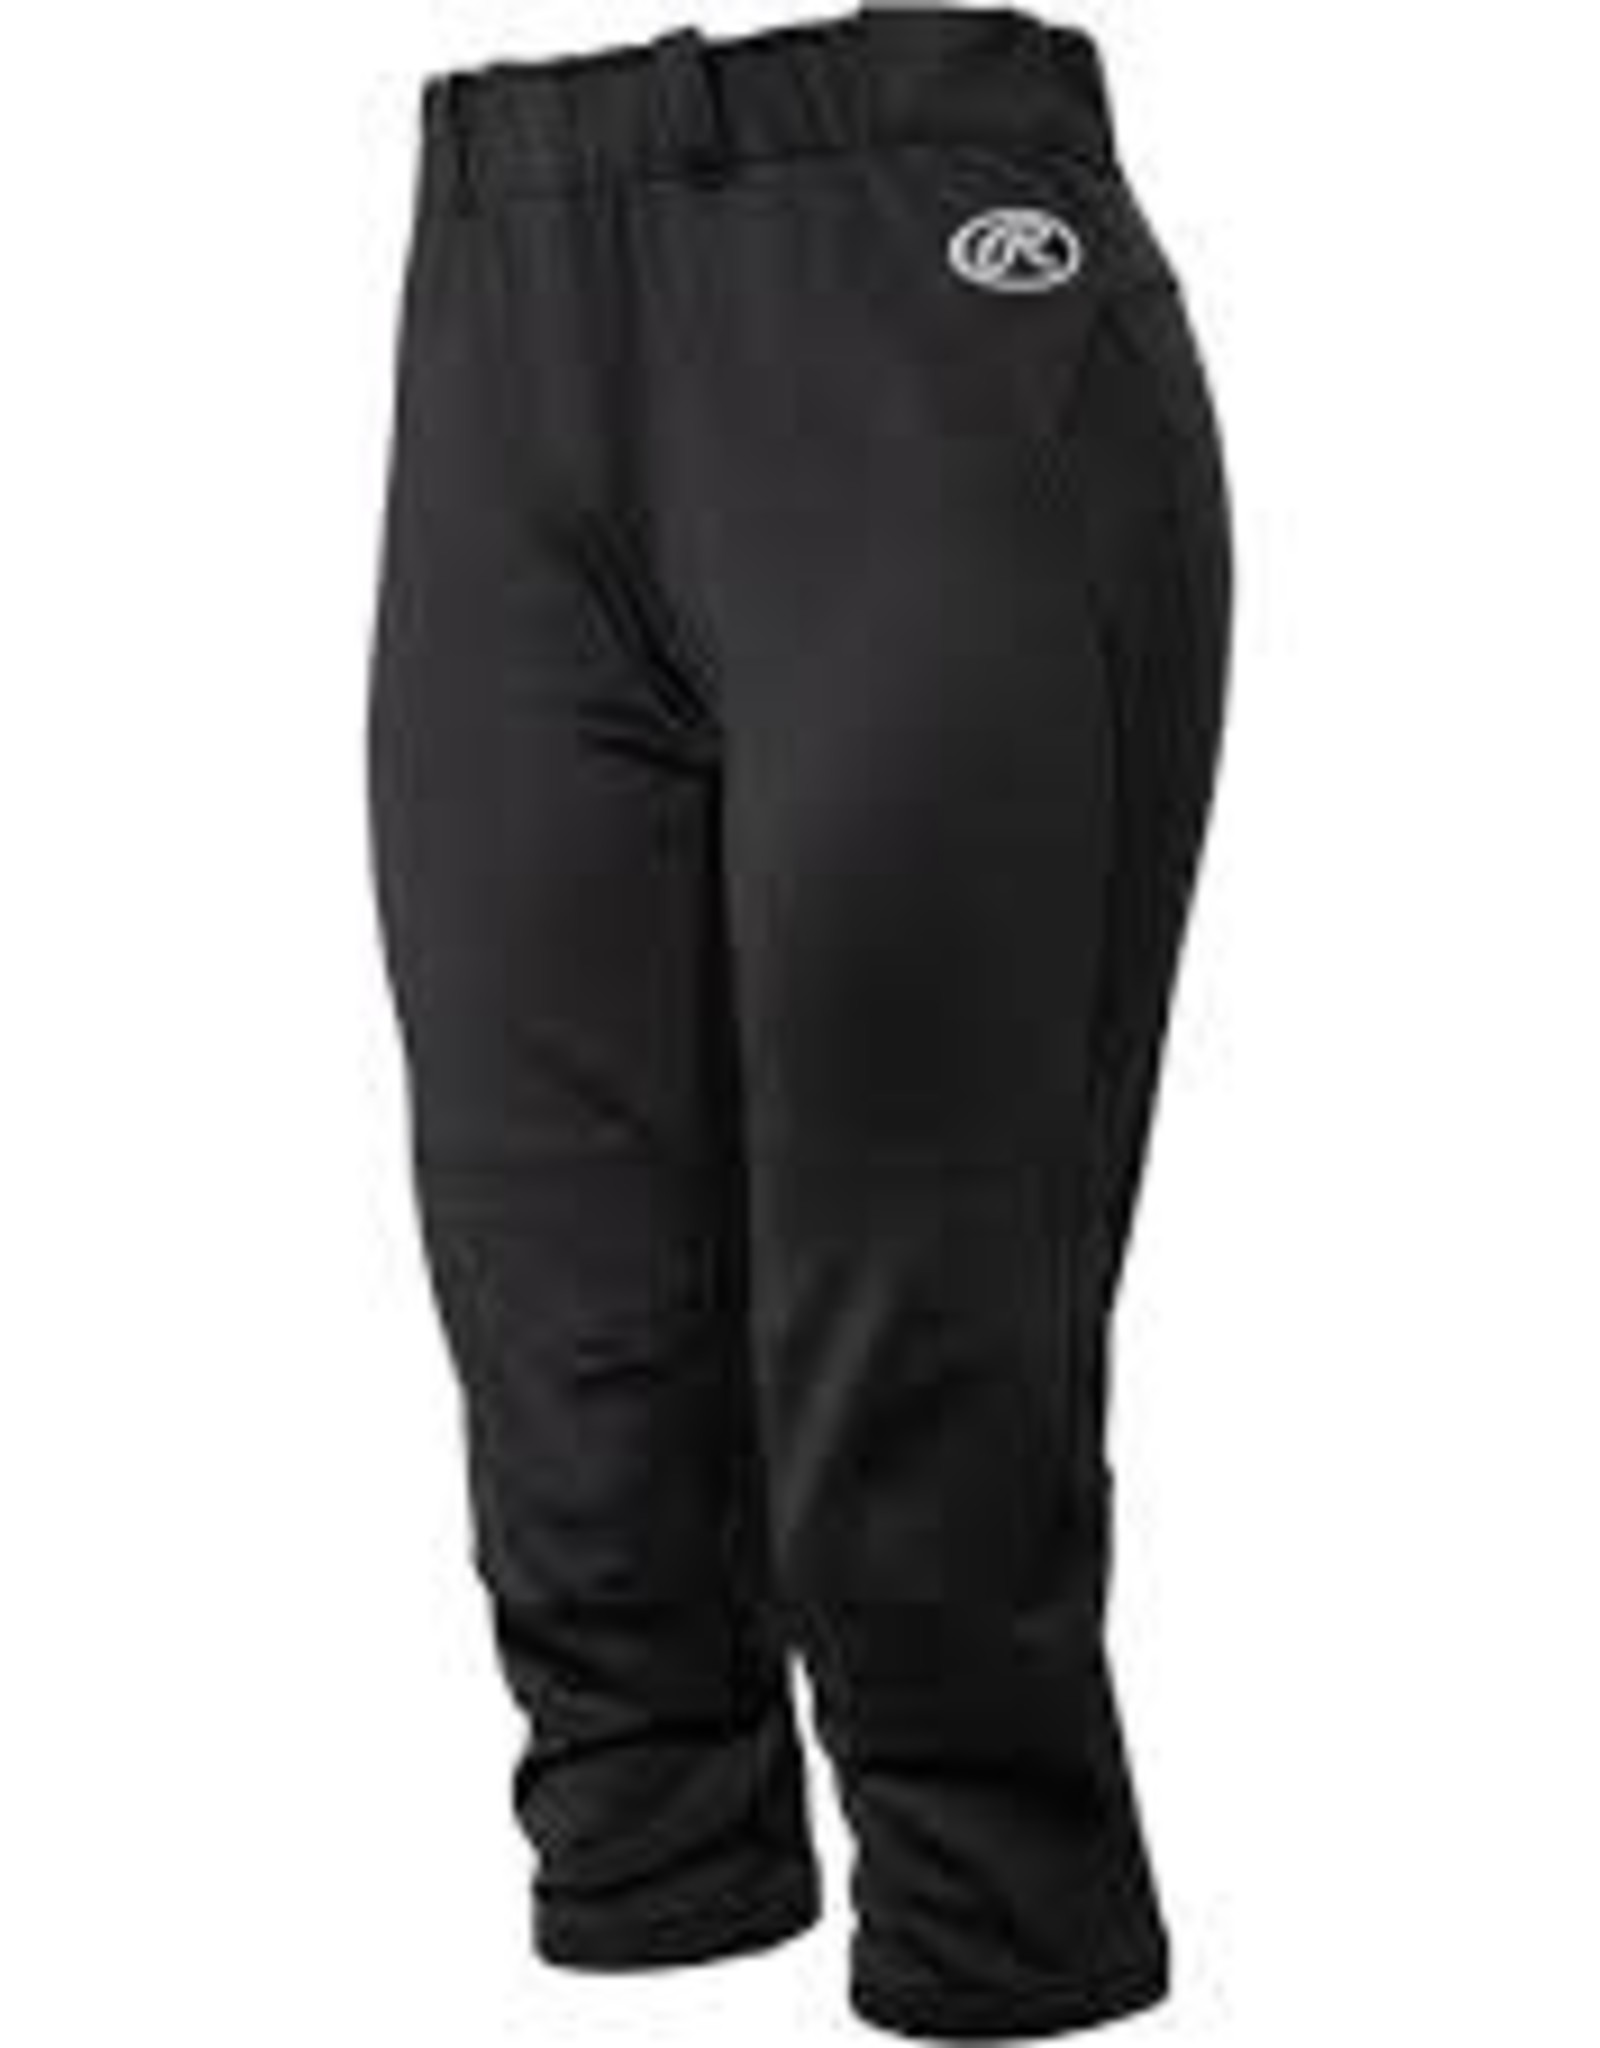 Rawlings Pants Women Blk No Zip Rawling XS